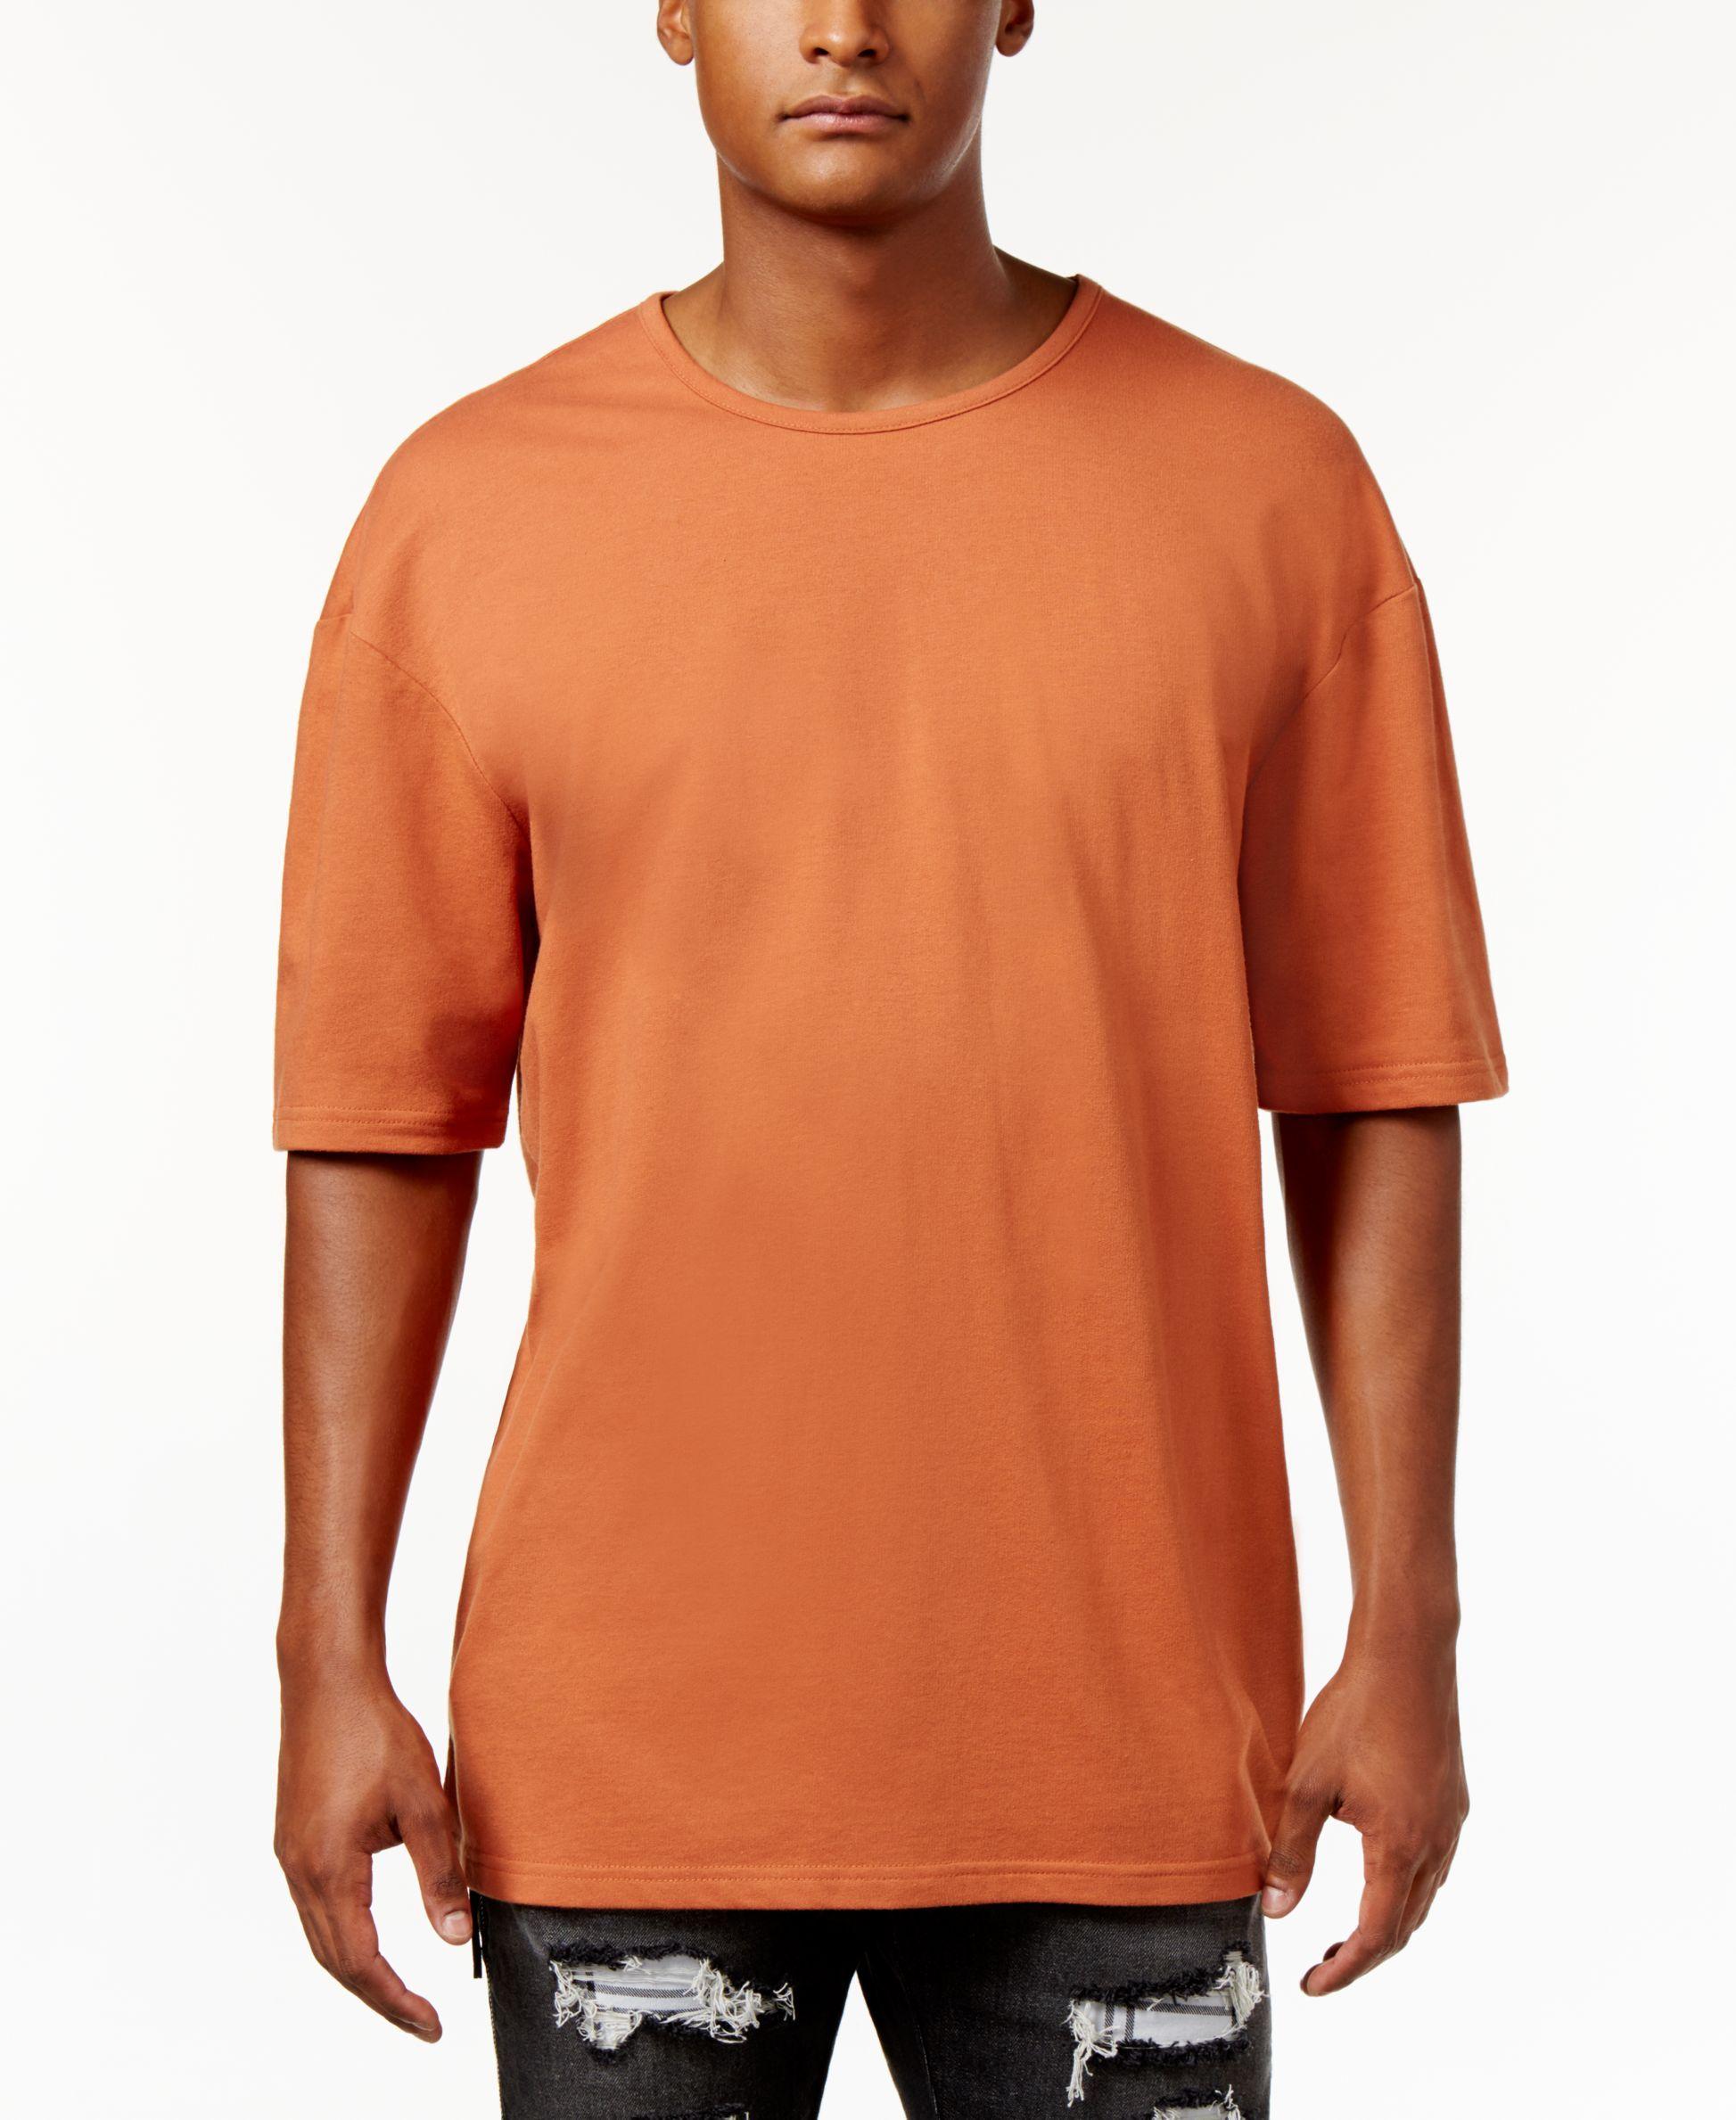 Jaywalker Men's Drop-Shoulder Boxy T-Shirt